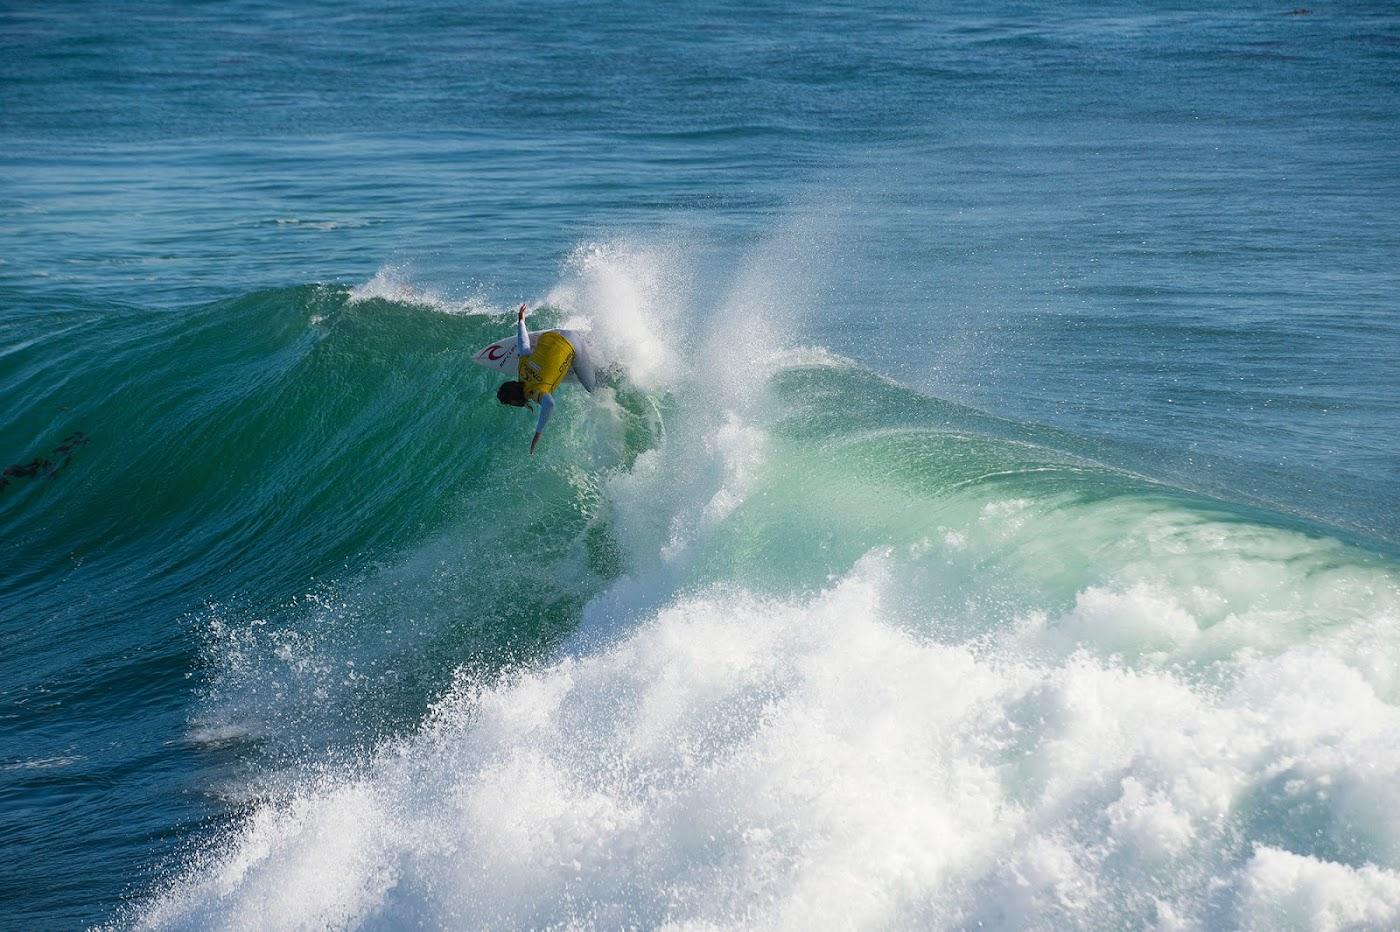 Matt Wilkinson - O'Neill Coldwater Classic 2012